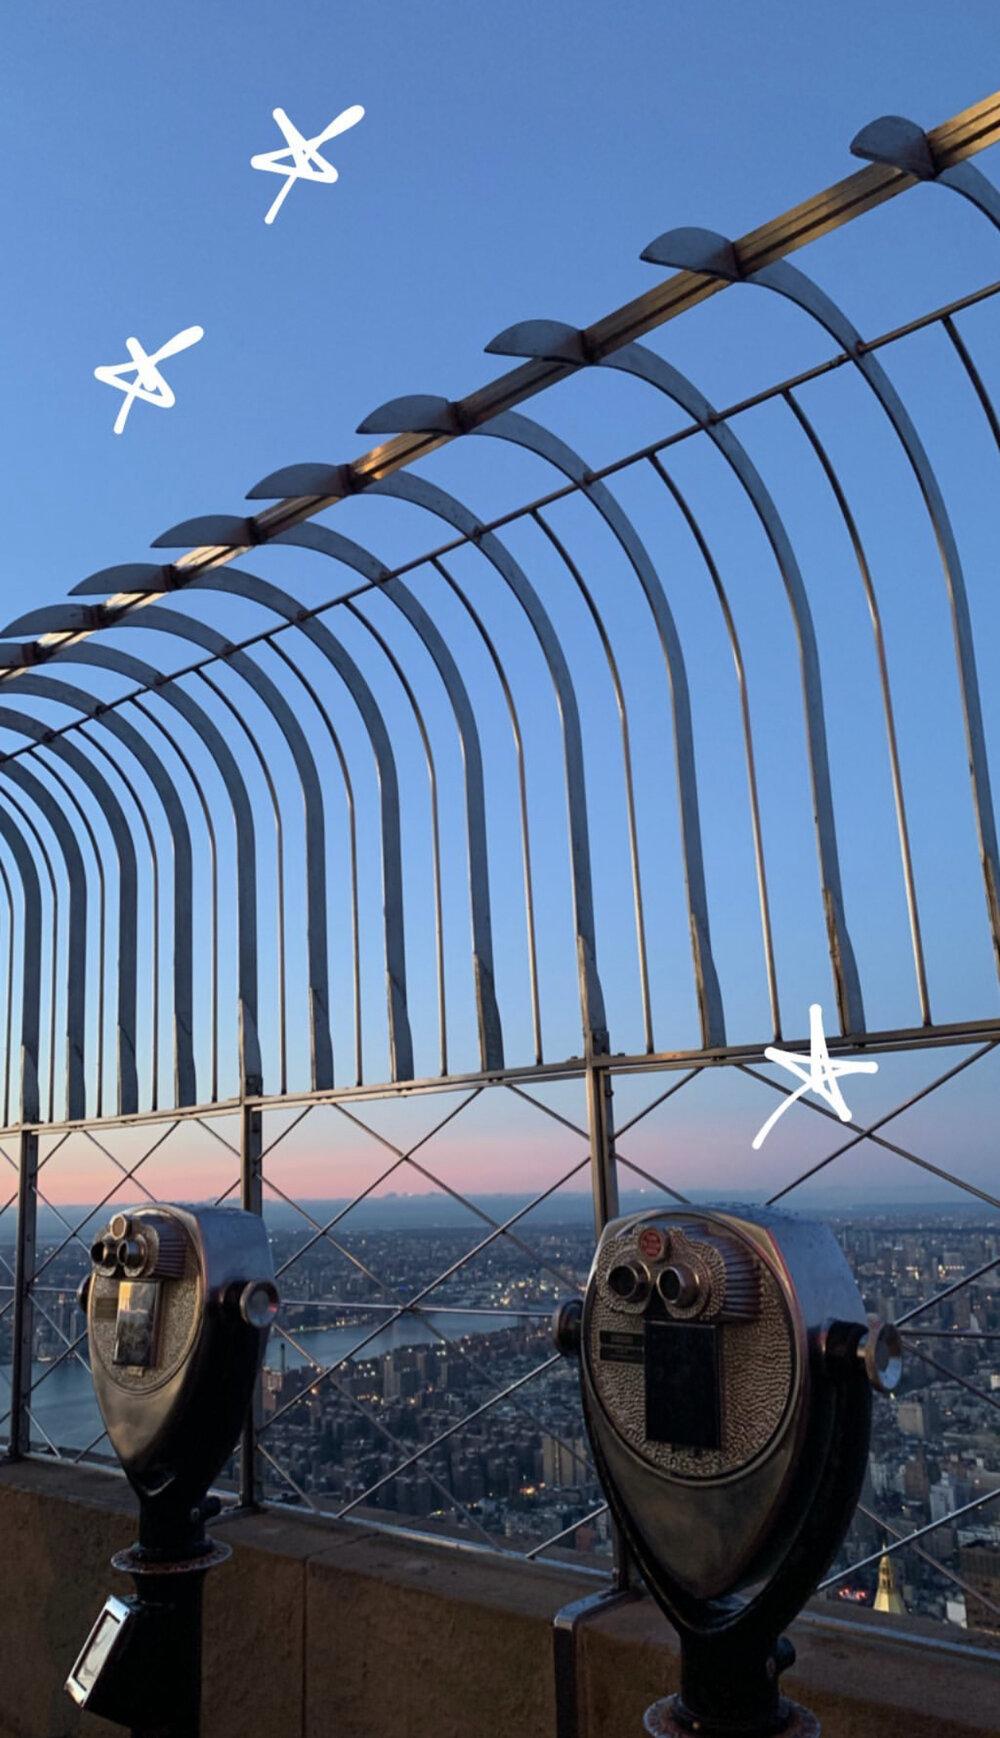 bresheppard.com : NYFW 2019 Empire State Building Views.jpg